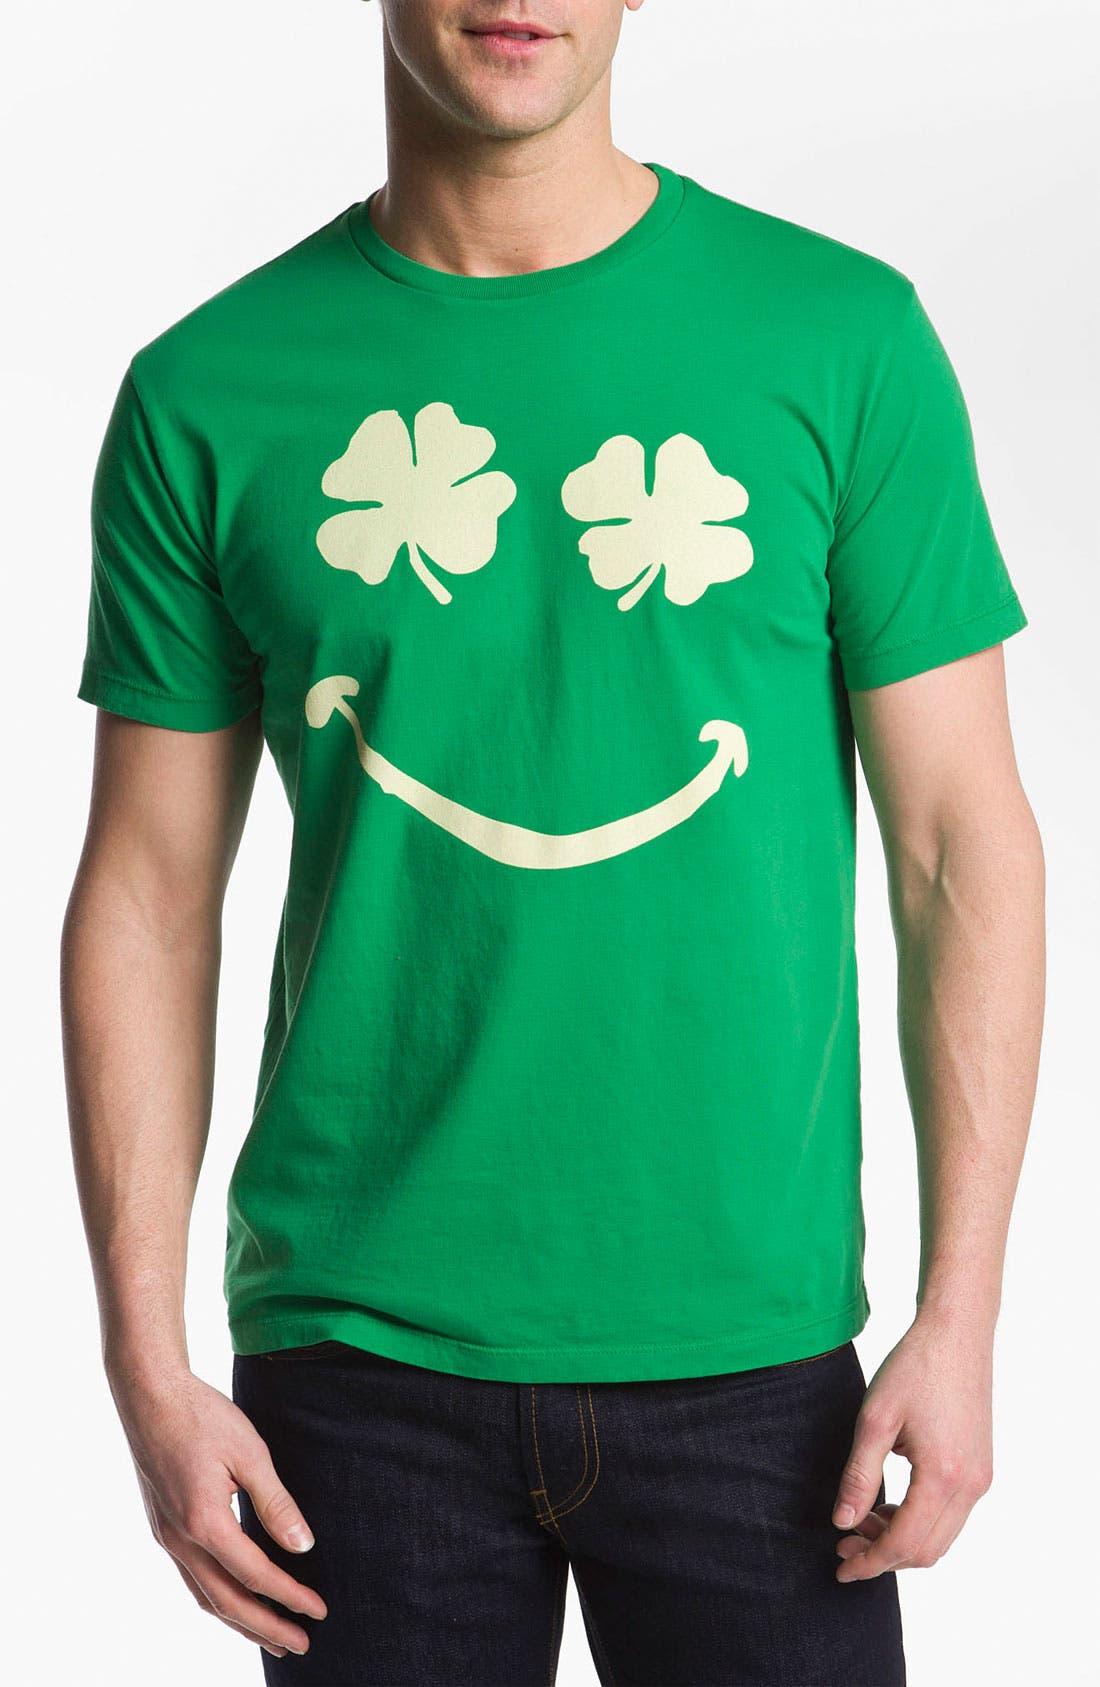 Main Image - Tankfarm 'Irish Eyes' T-Shirt